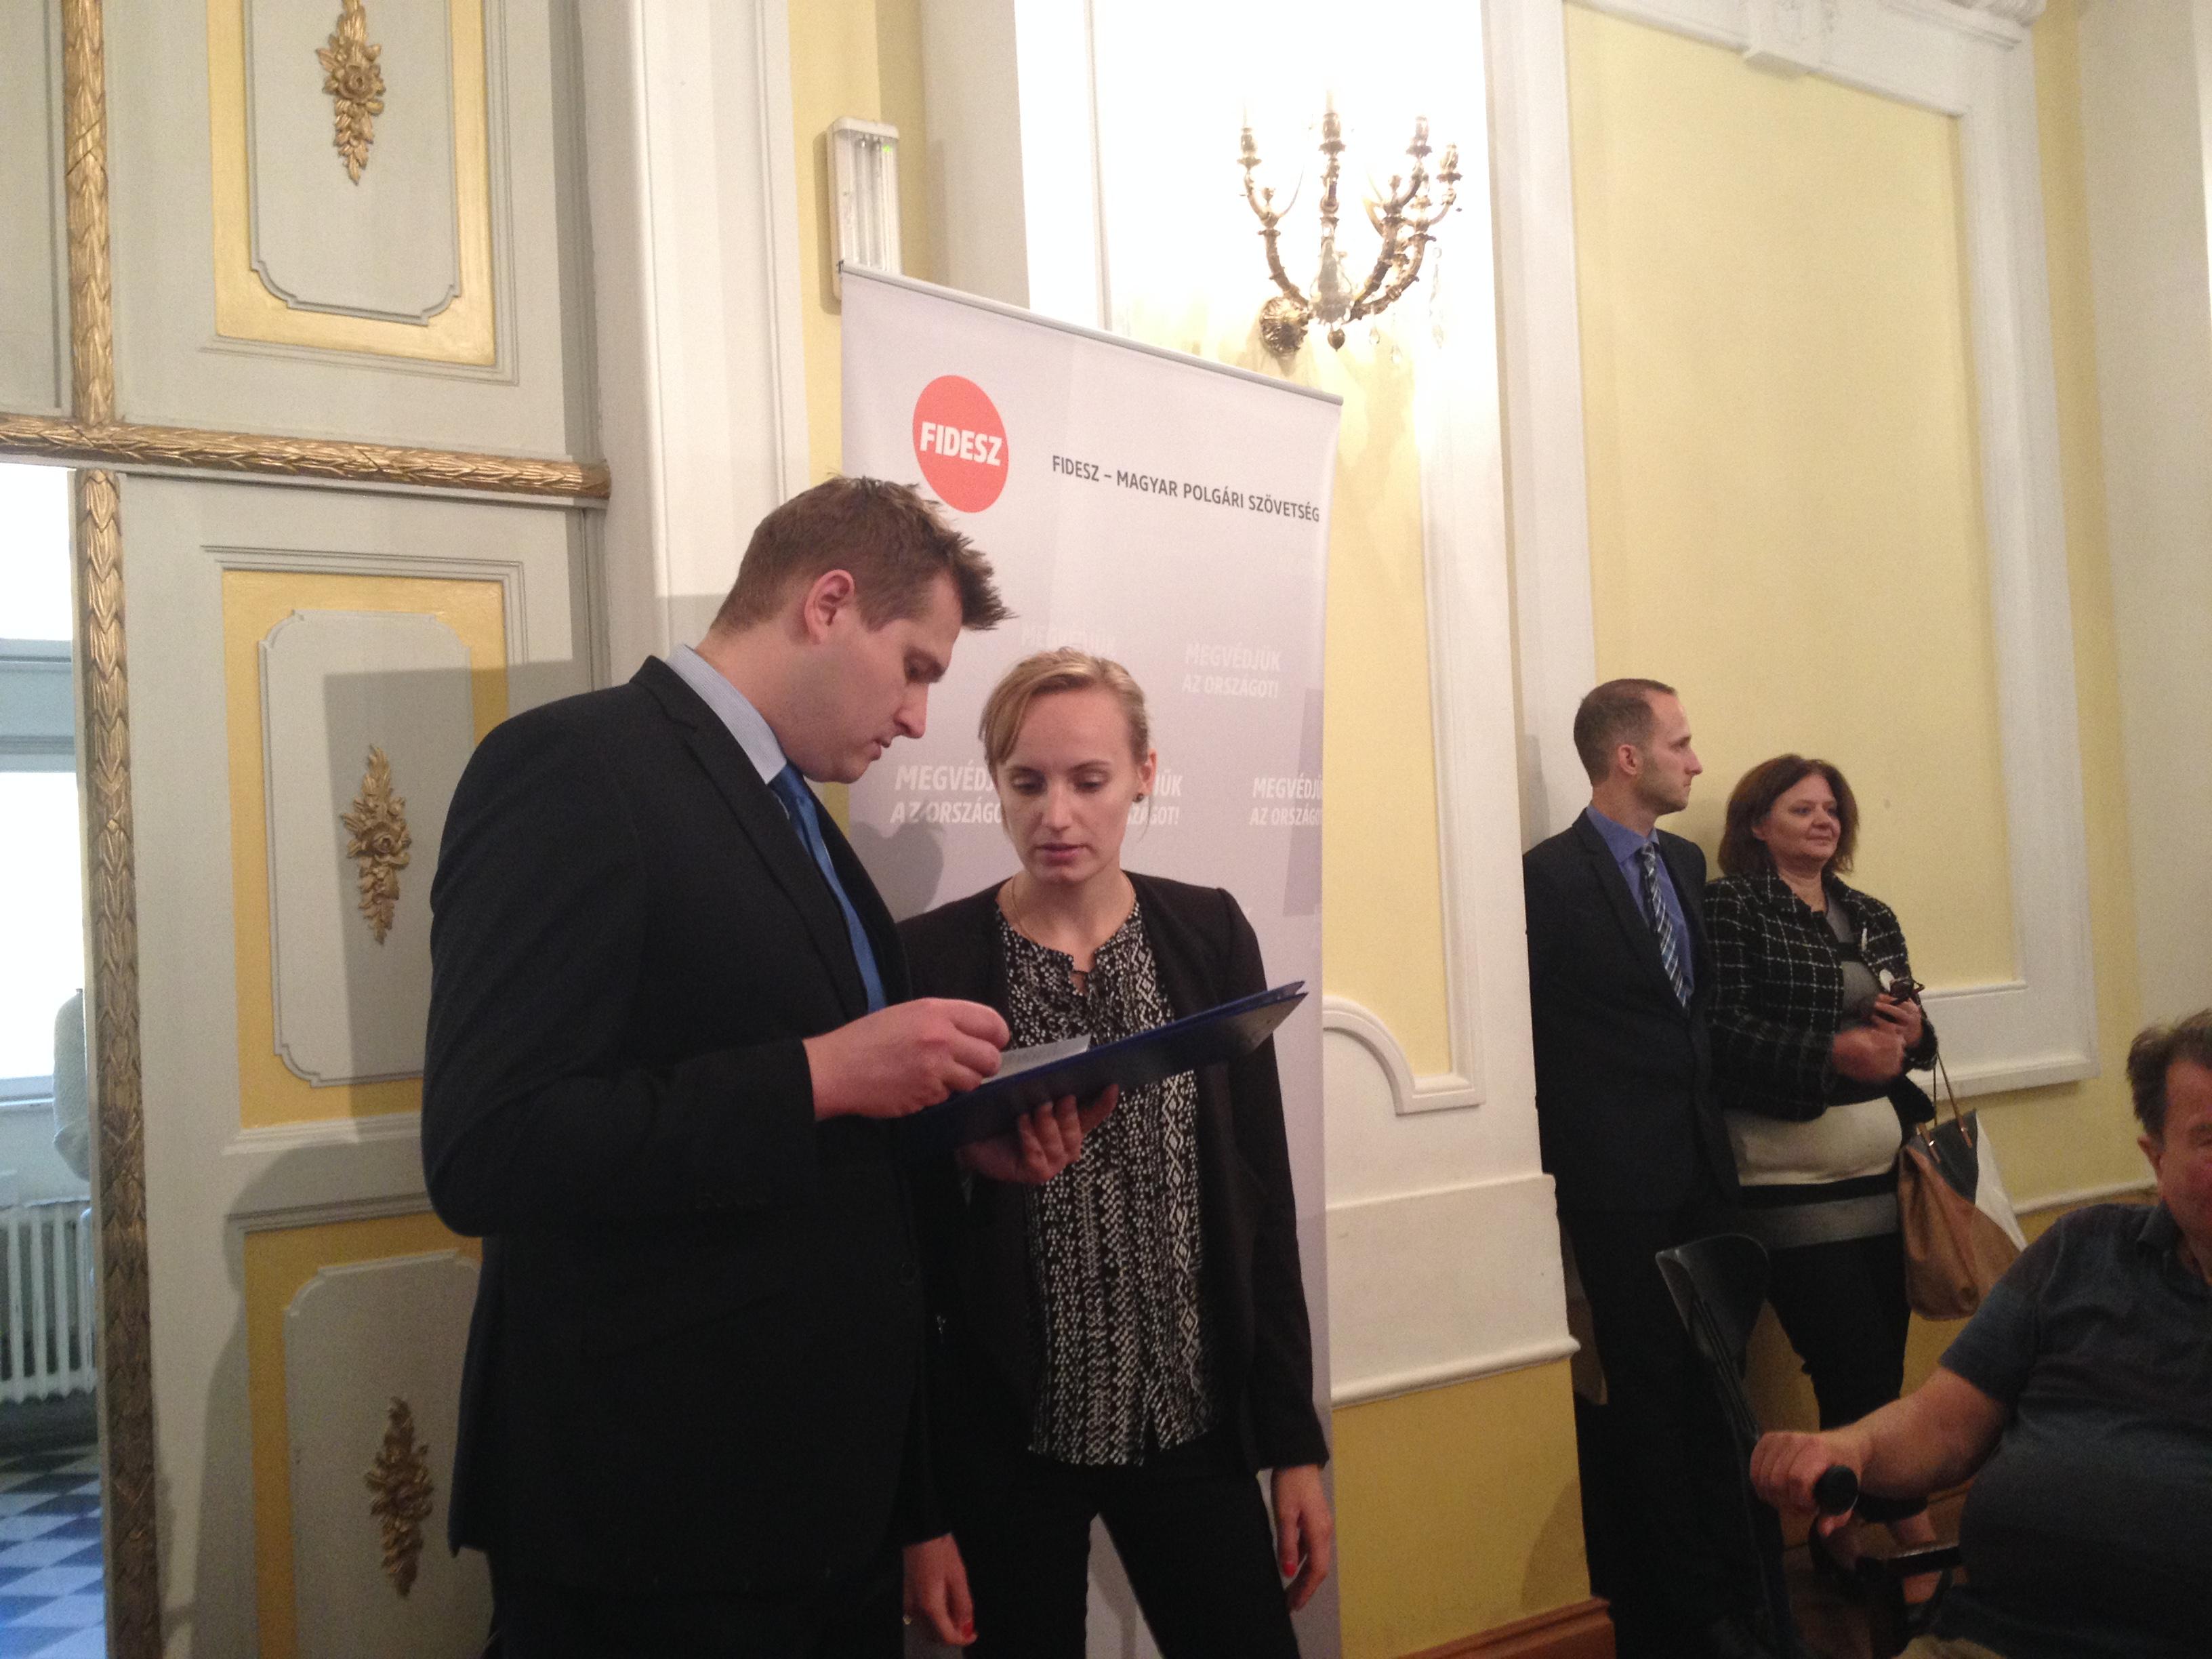 Lerángatták a lépcsőn a 444 tudósítóját, és elvették a telefonját a Fidesz konzultációs fórumán